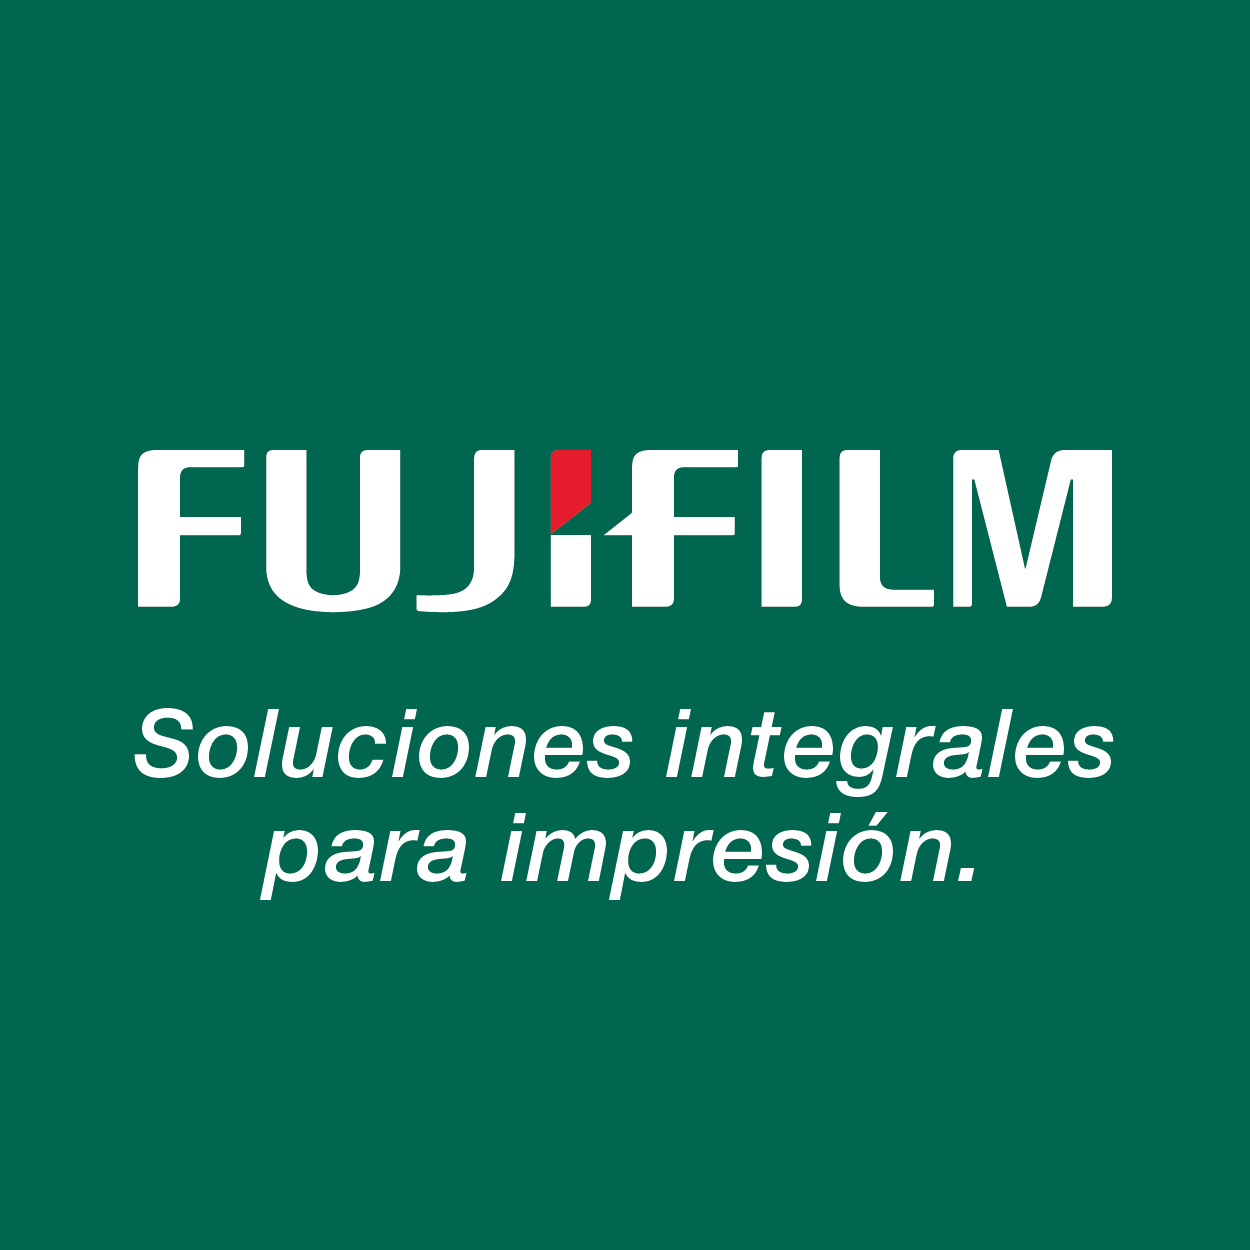 FUJIFILM_Banner 300x300px_RGB